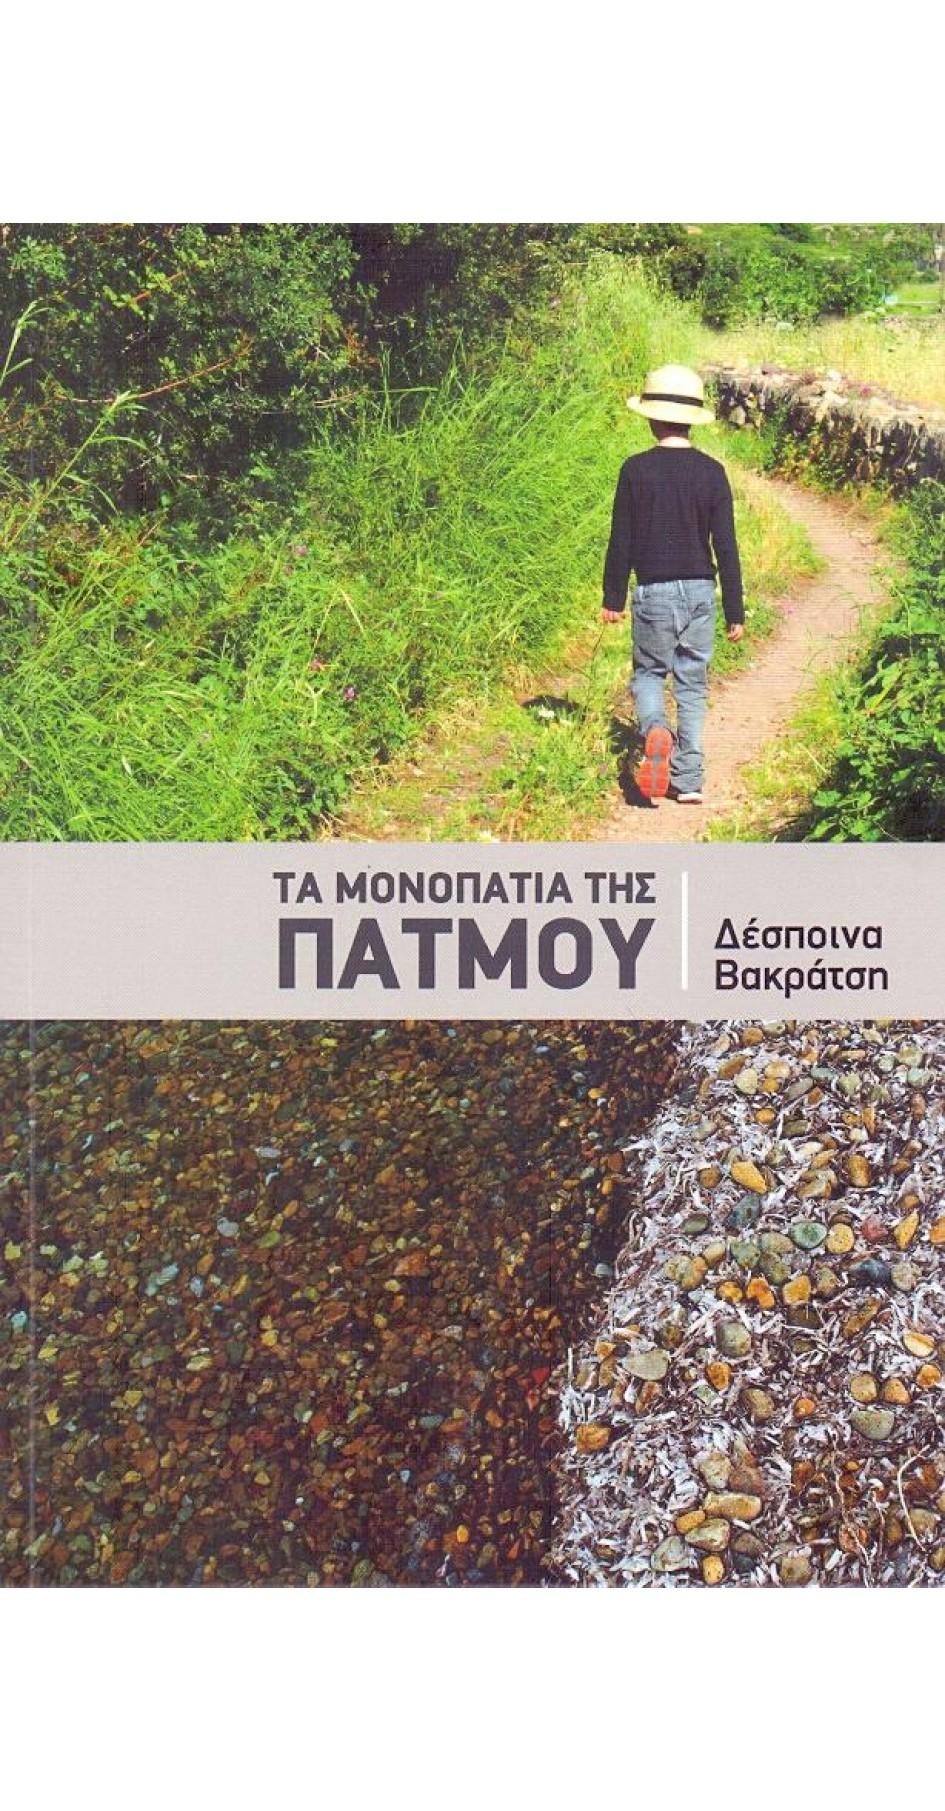 Footpaths of Patmos (Book in Greek)